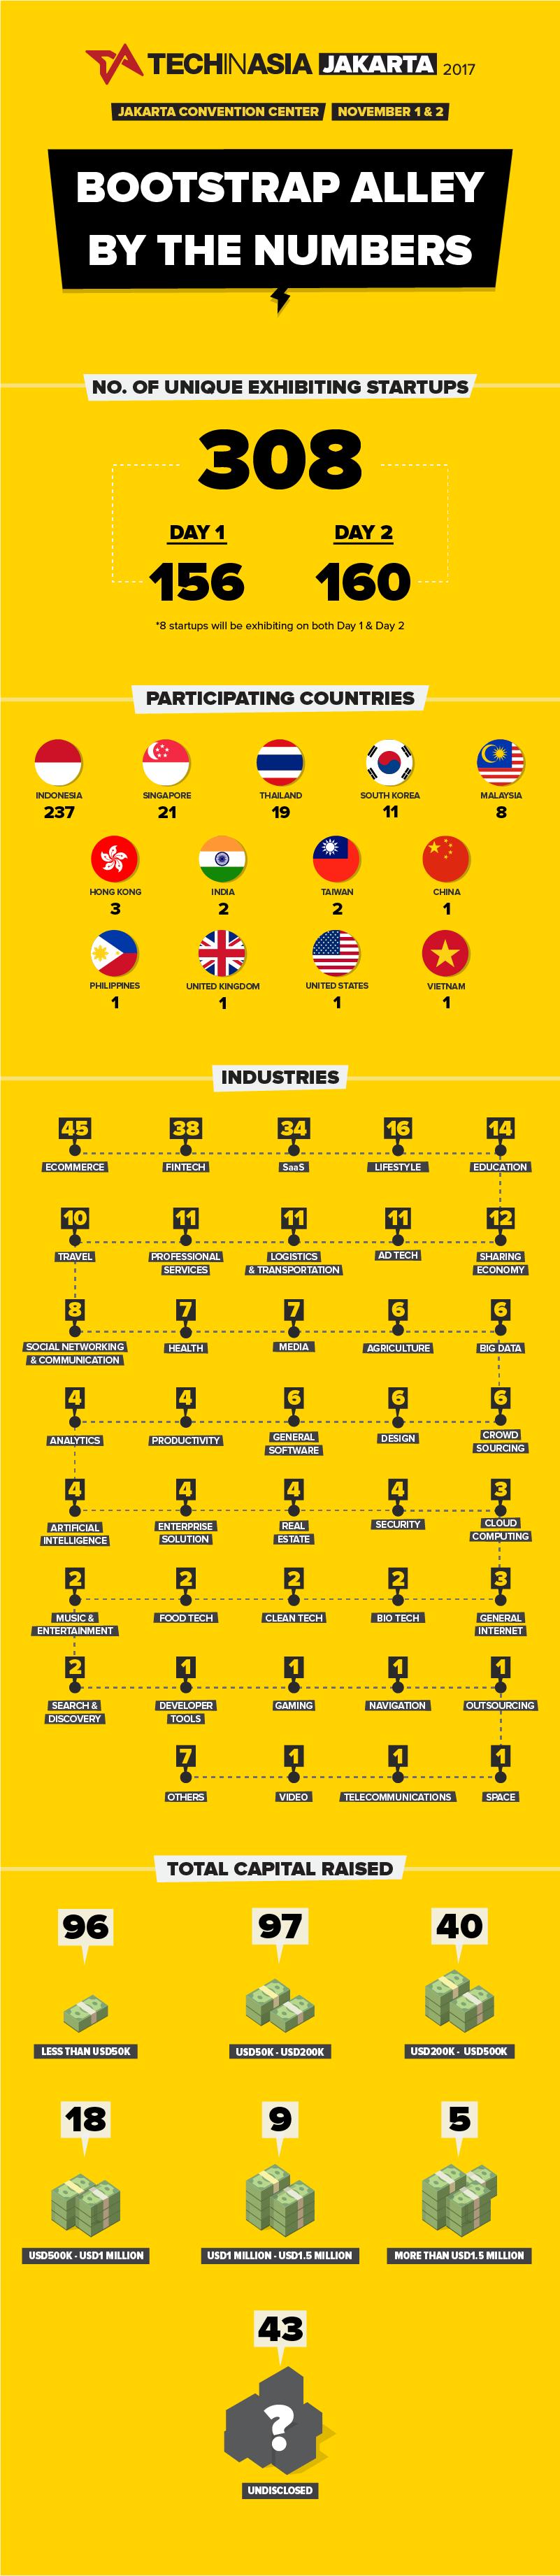 TIA JKT 2017   Image: Infografis BA